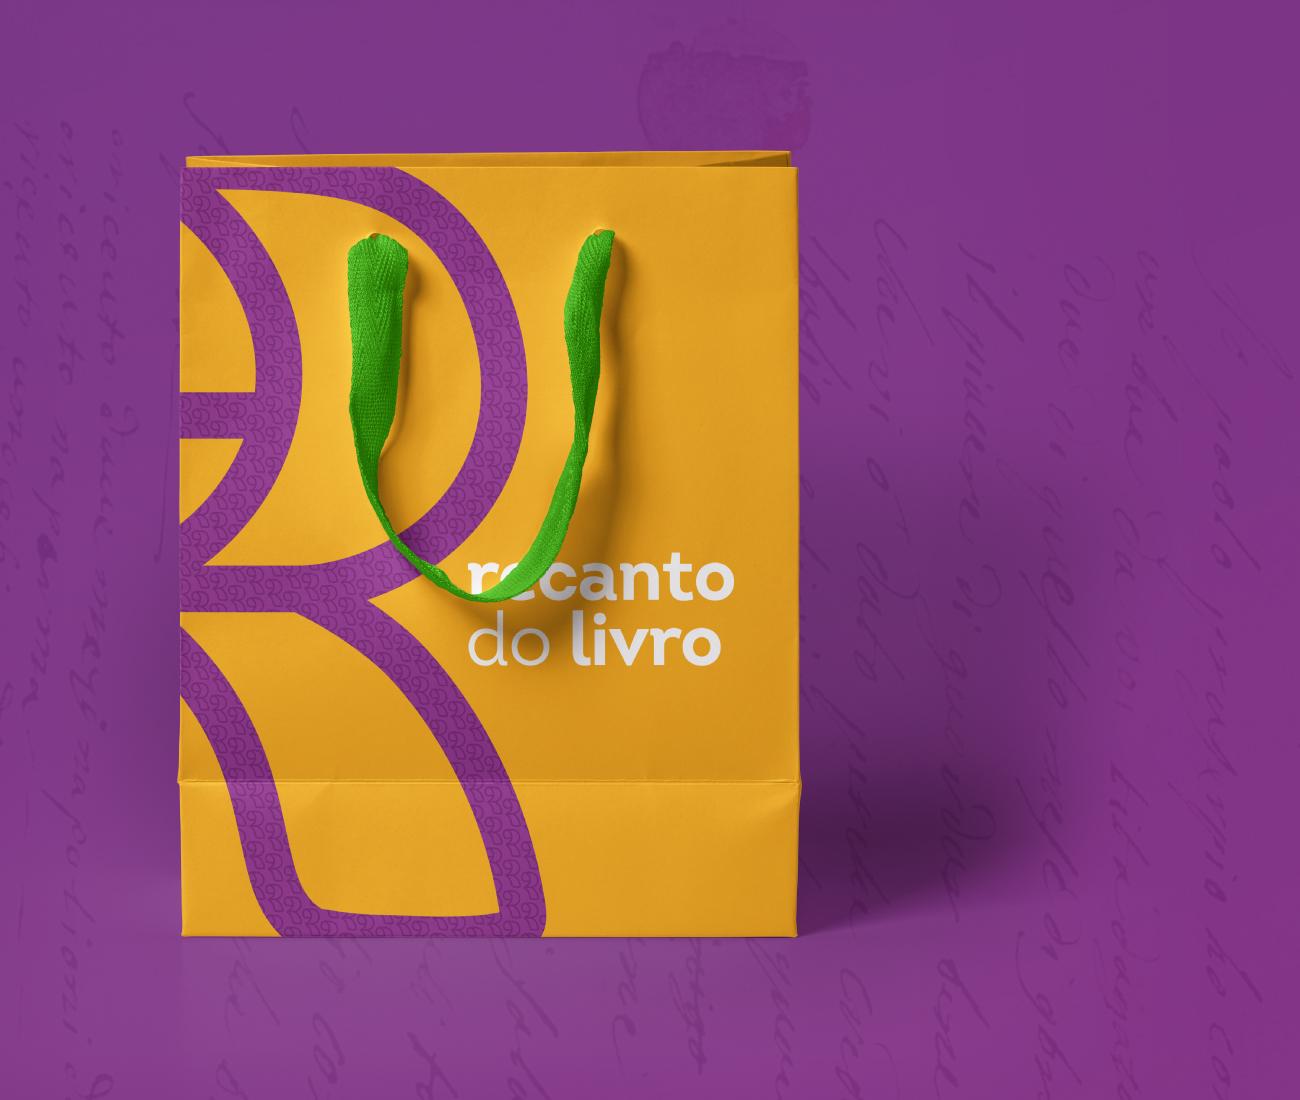 RECANTO-DO-LIVRO-(2)